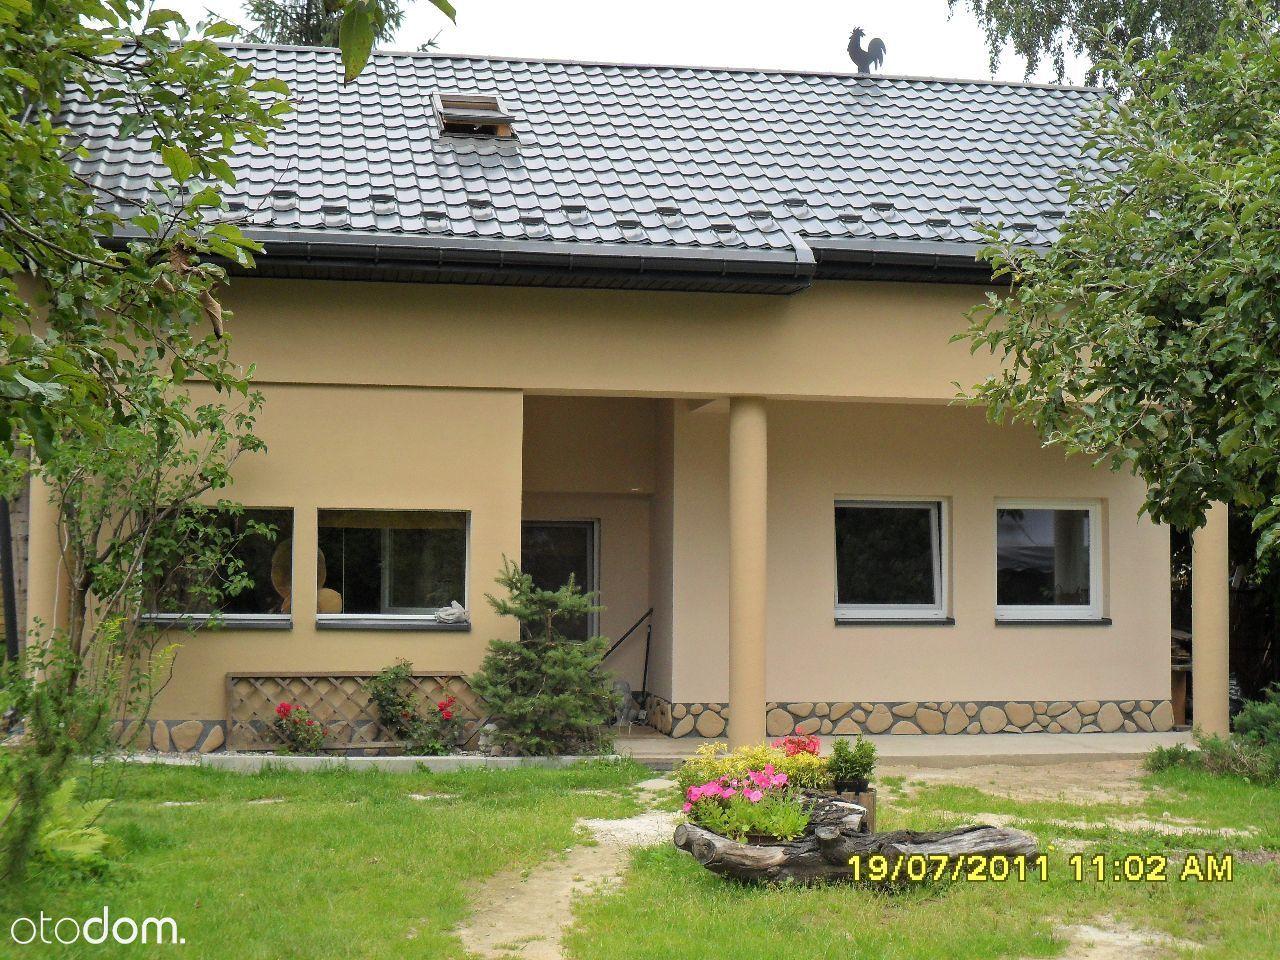 2 Pokoje Dom Na Sprzedaz Janowka Lodzki Wschodni Lodzkie